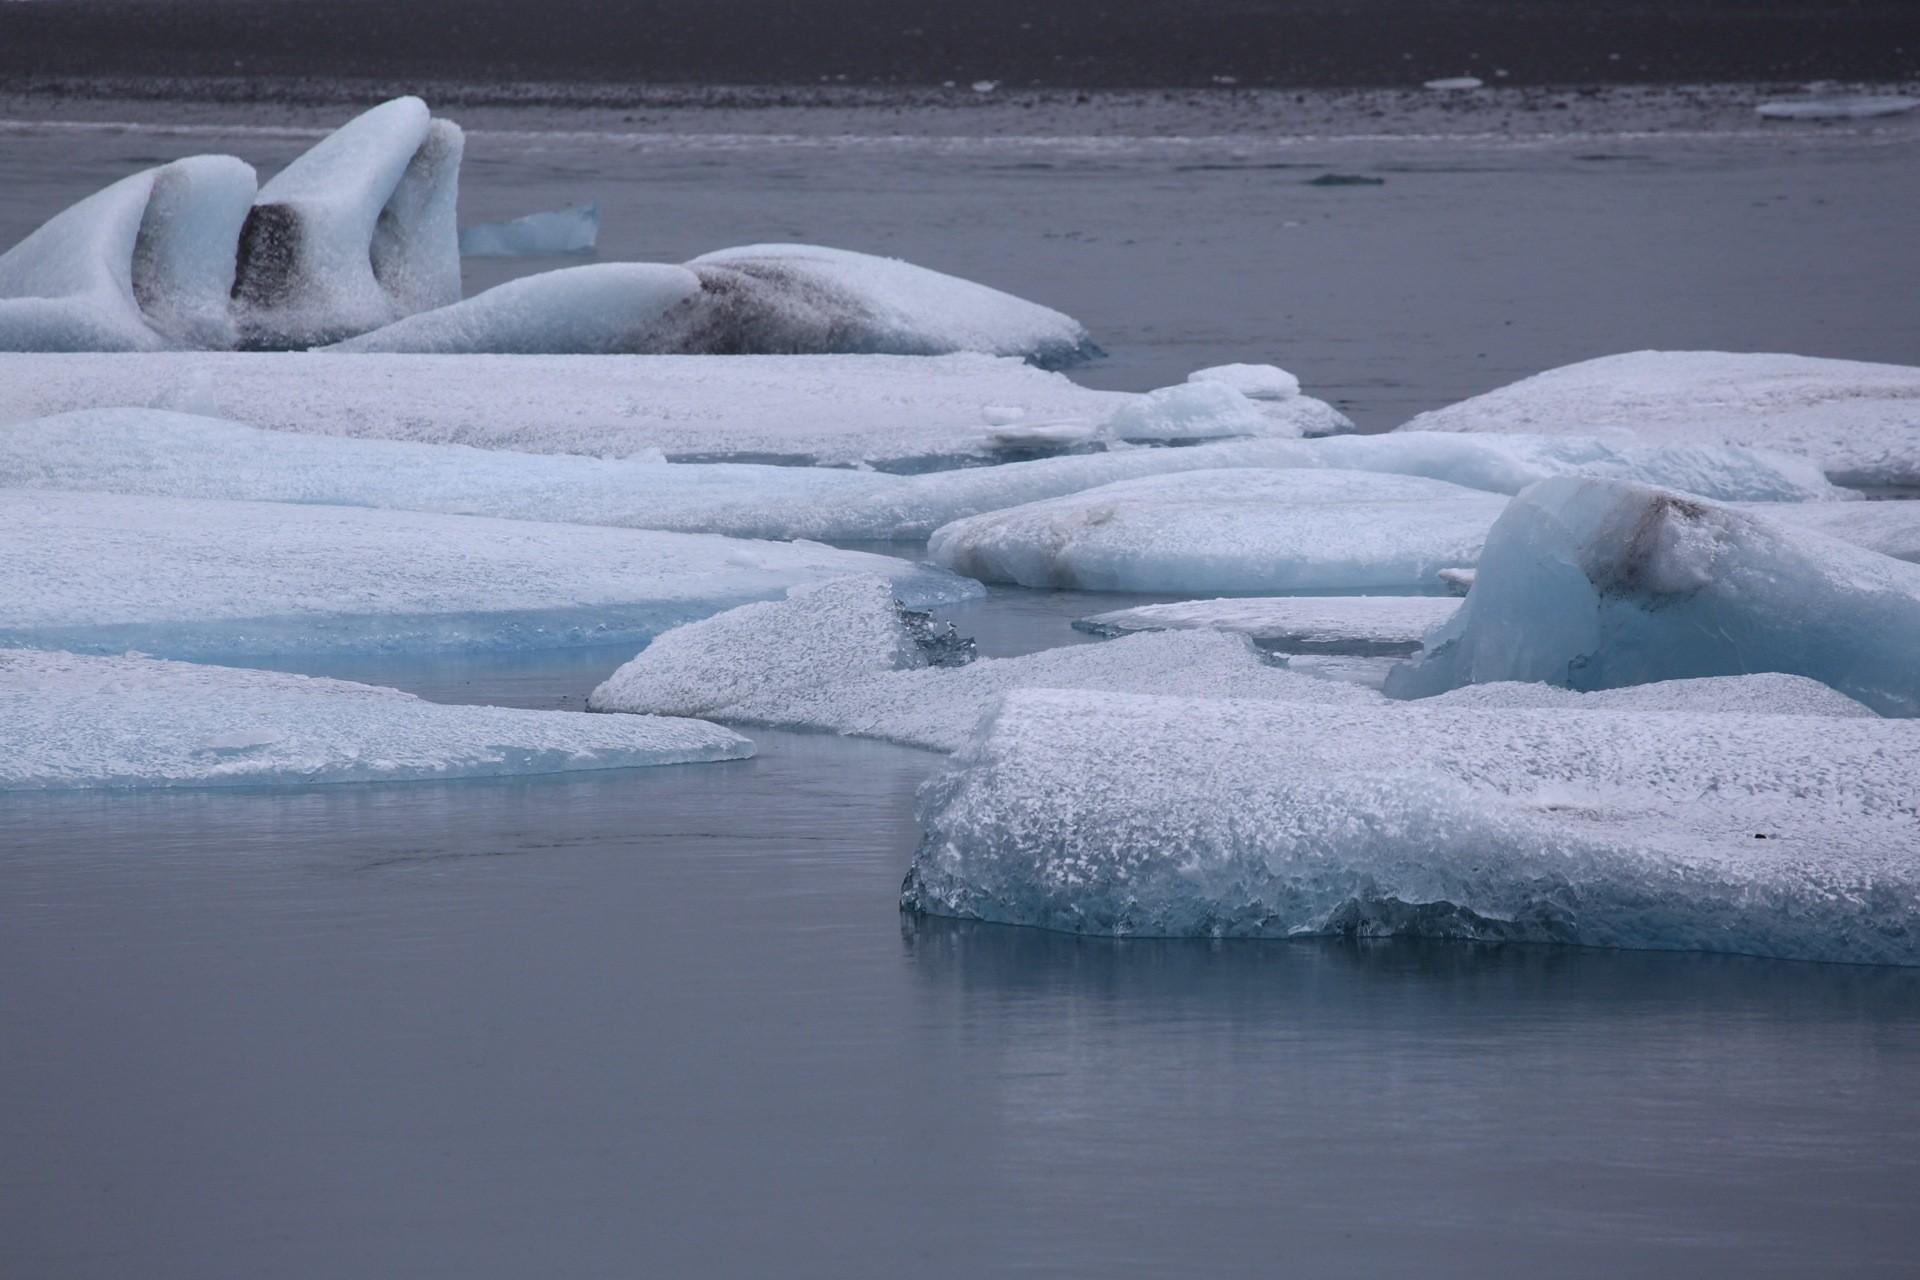 laguna-glaciale-jokulsarlon-ec5921ba0077